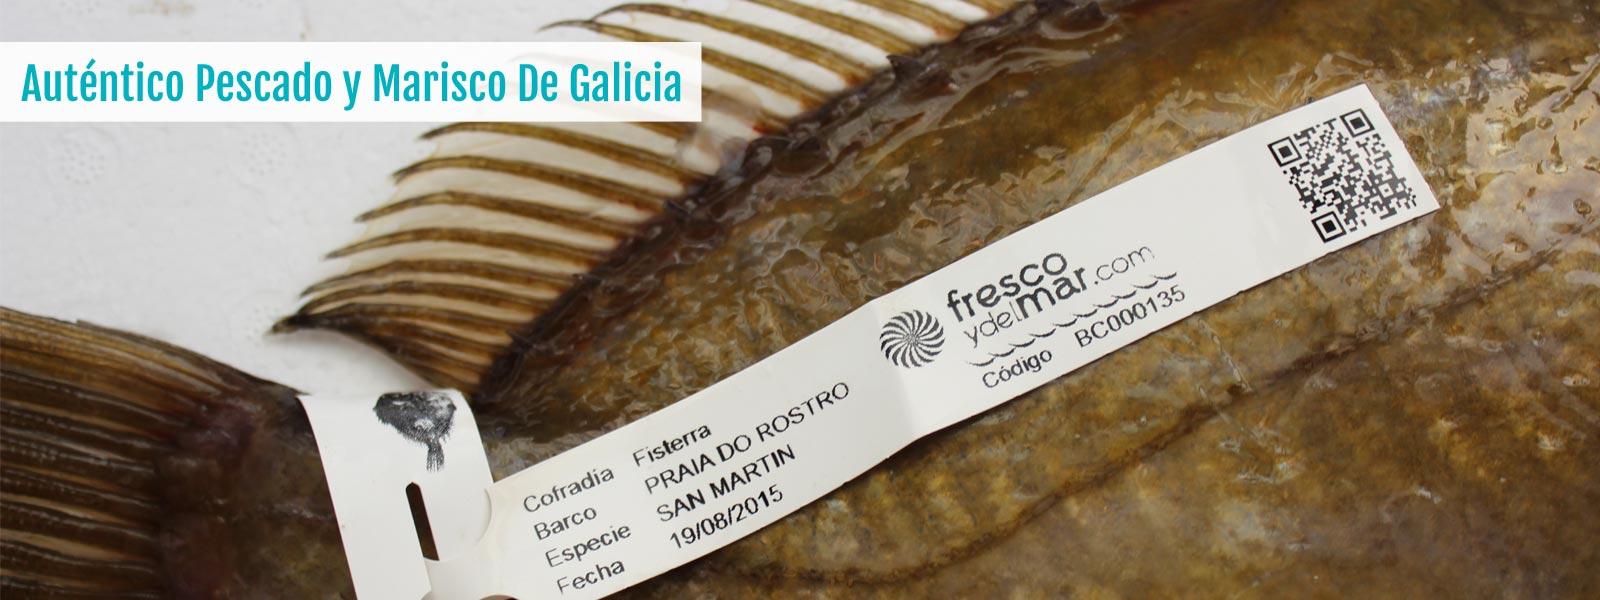 Autentico pescado y marisco gallego